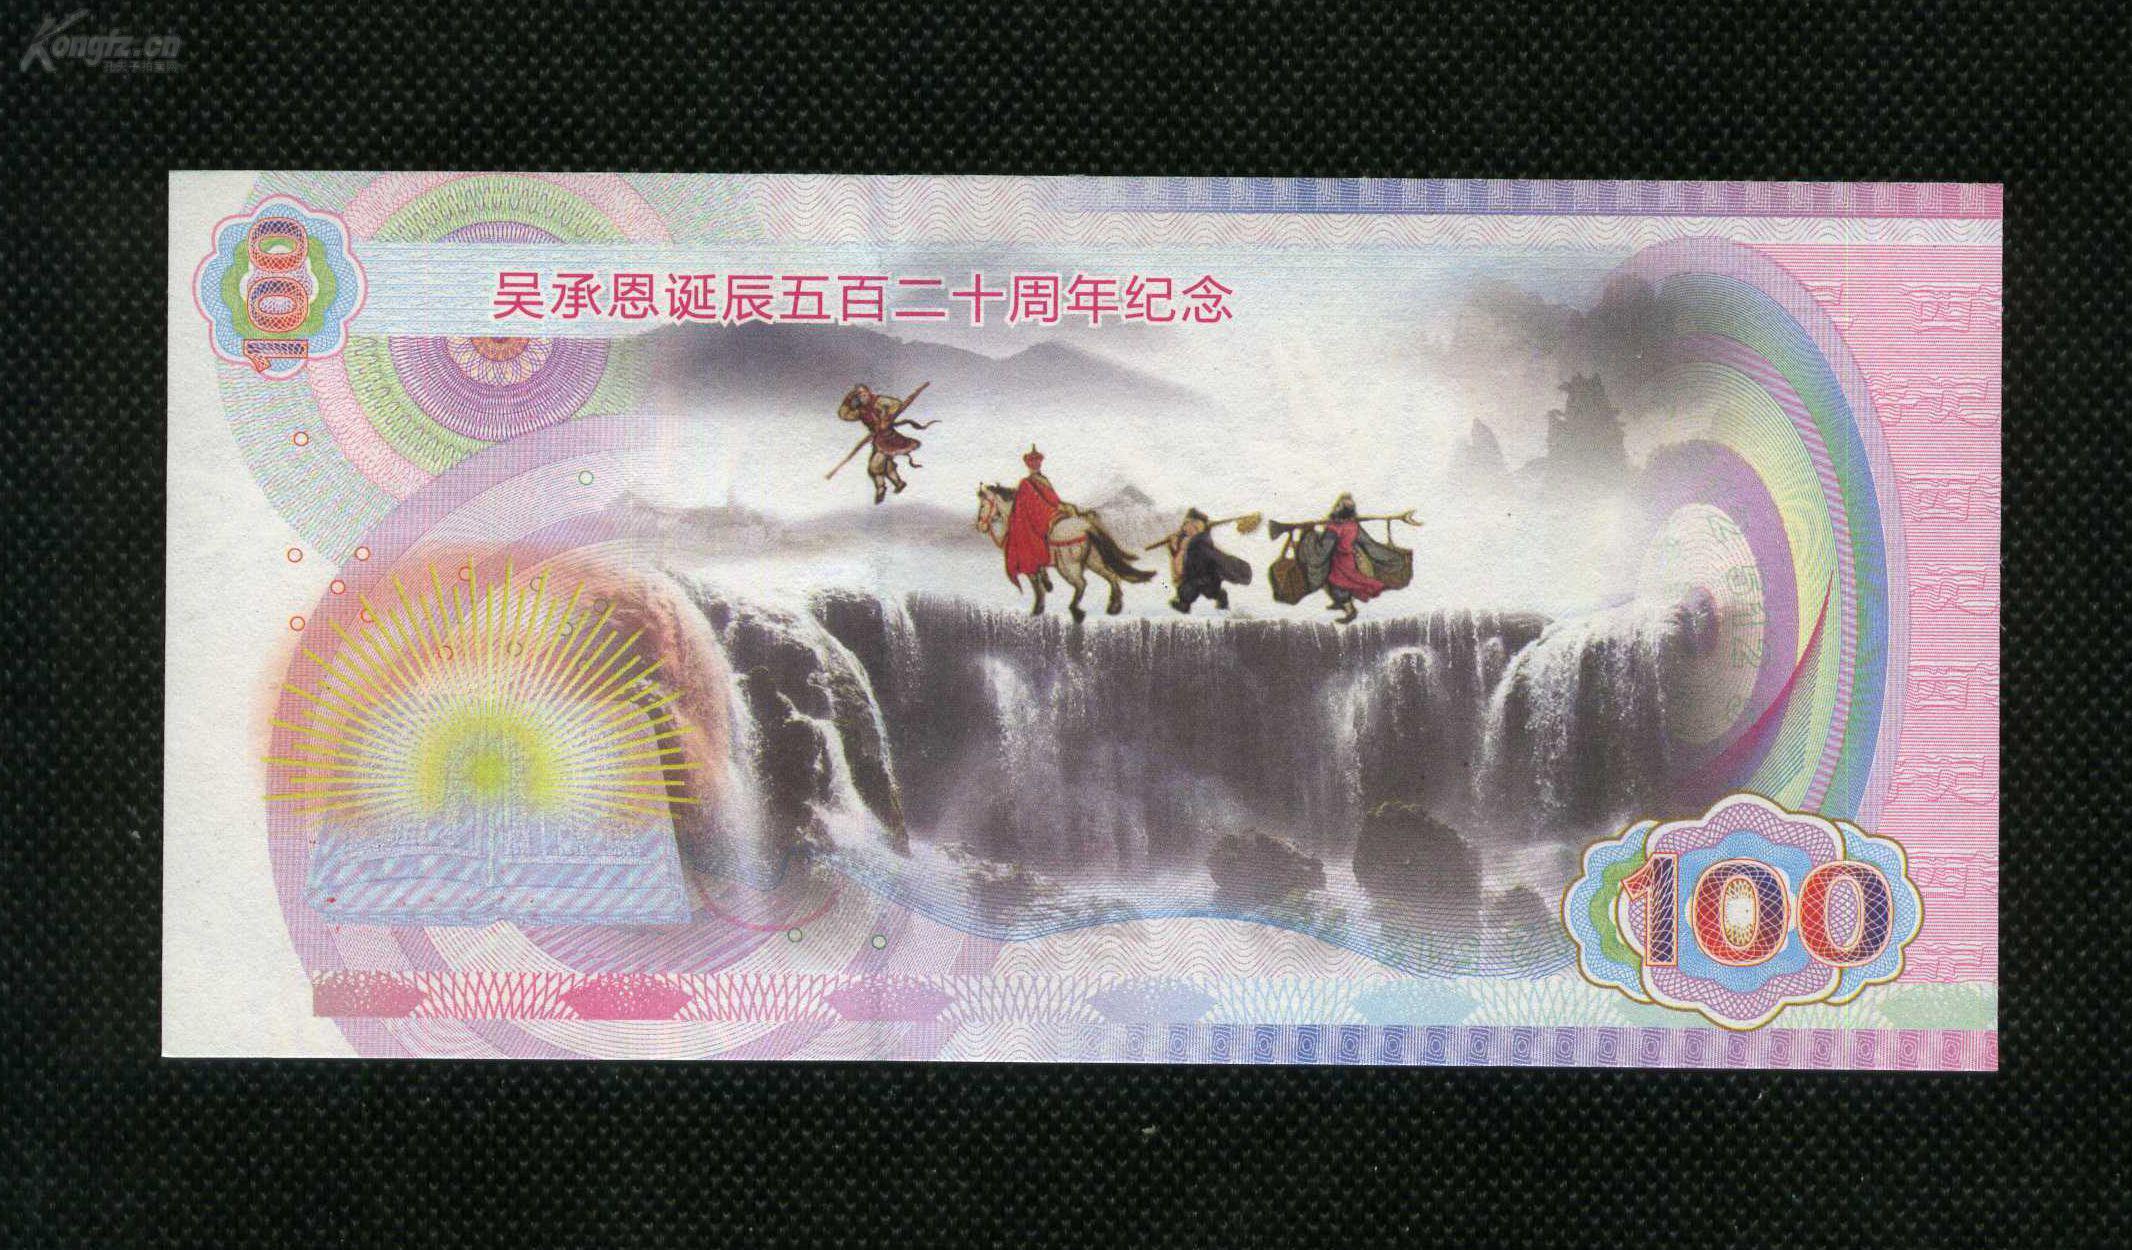 【图】《西游记100元测试钞带防伪水印》